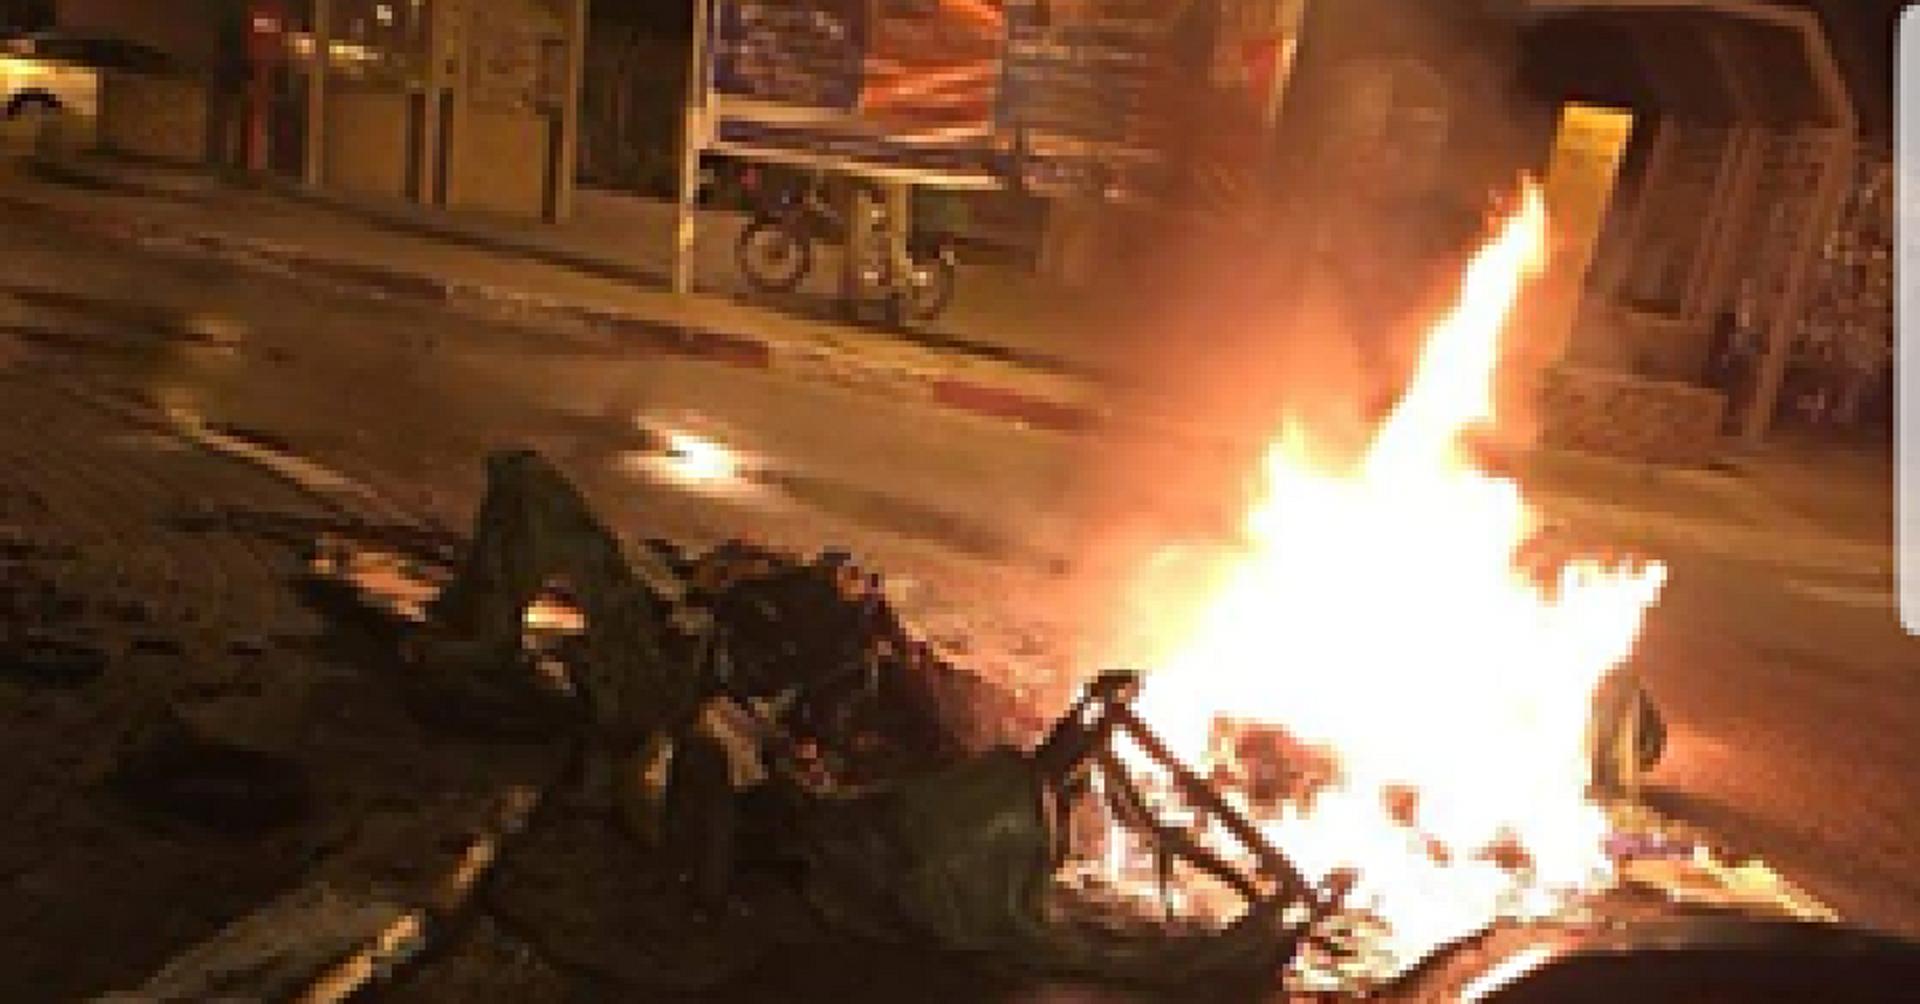 שריפה בשכונת יד התשעה   צילום: תושבי השכונה